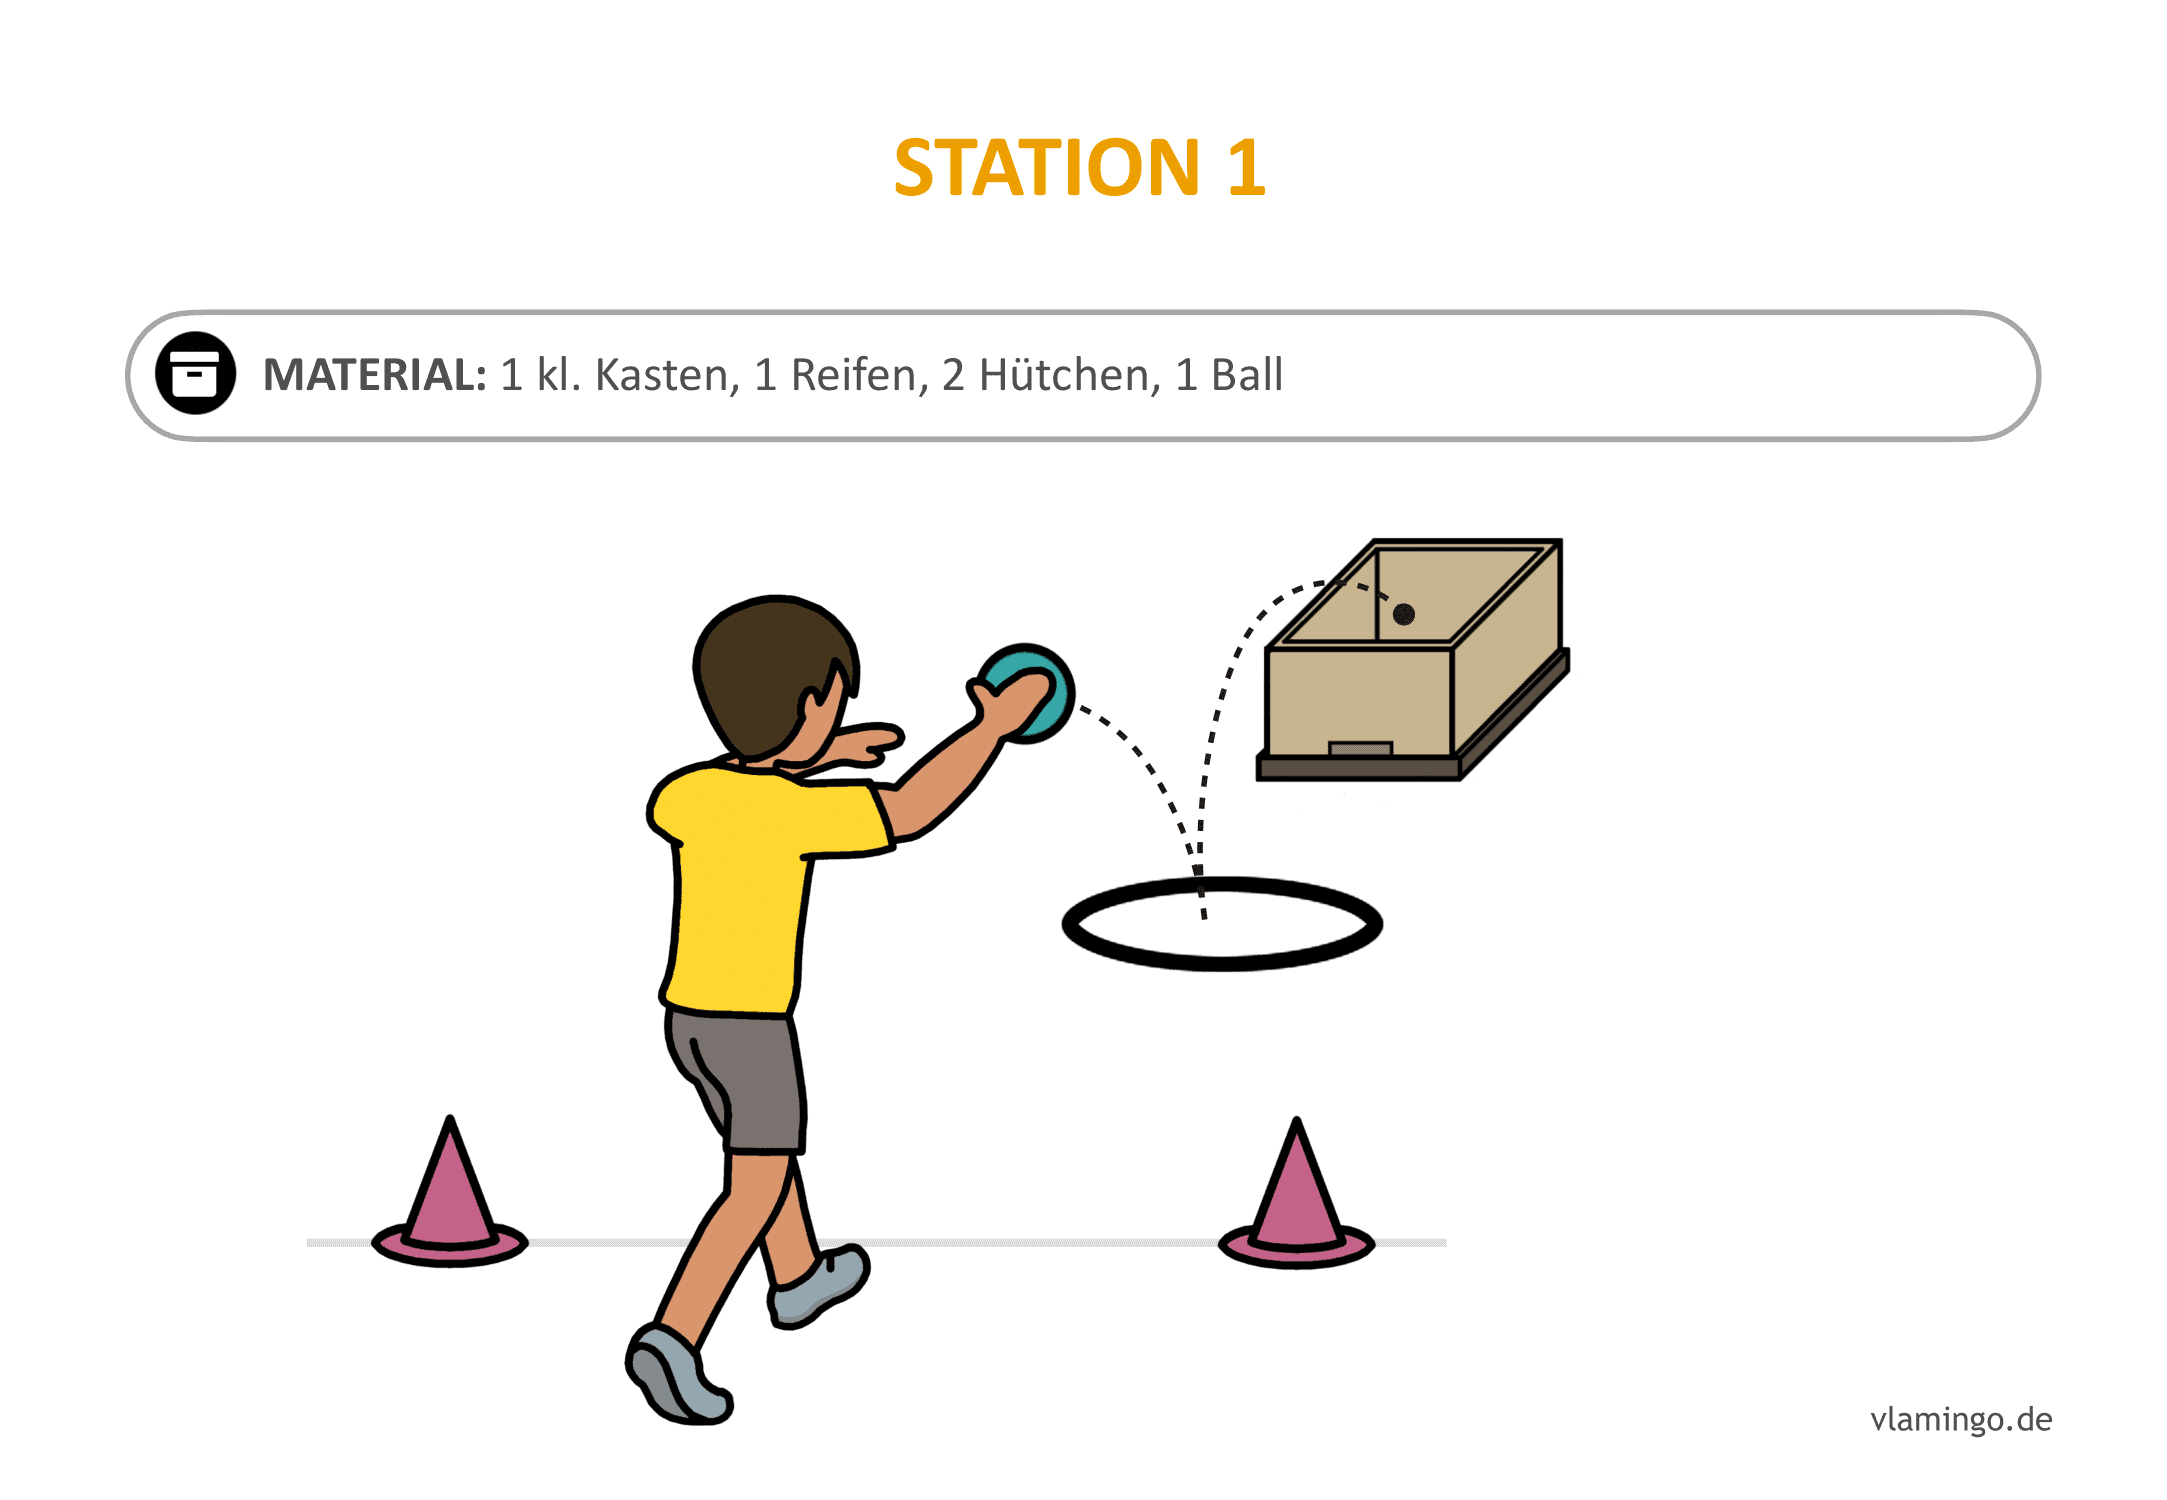 Handballgolf - Station-01